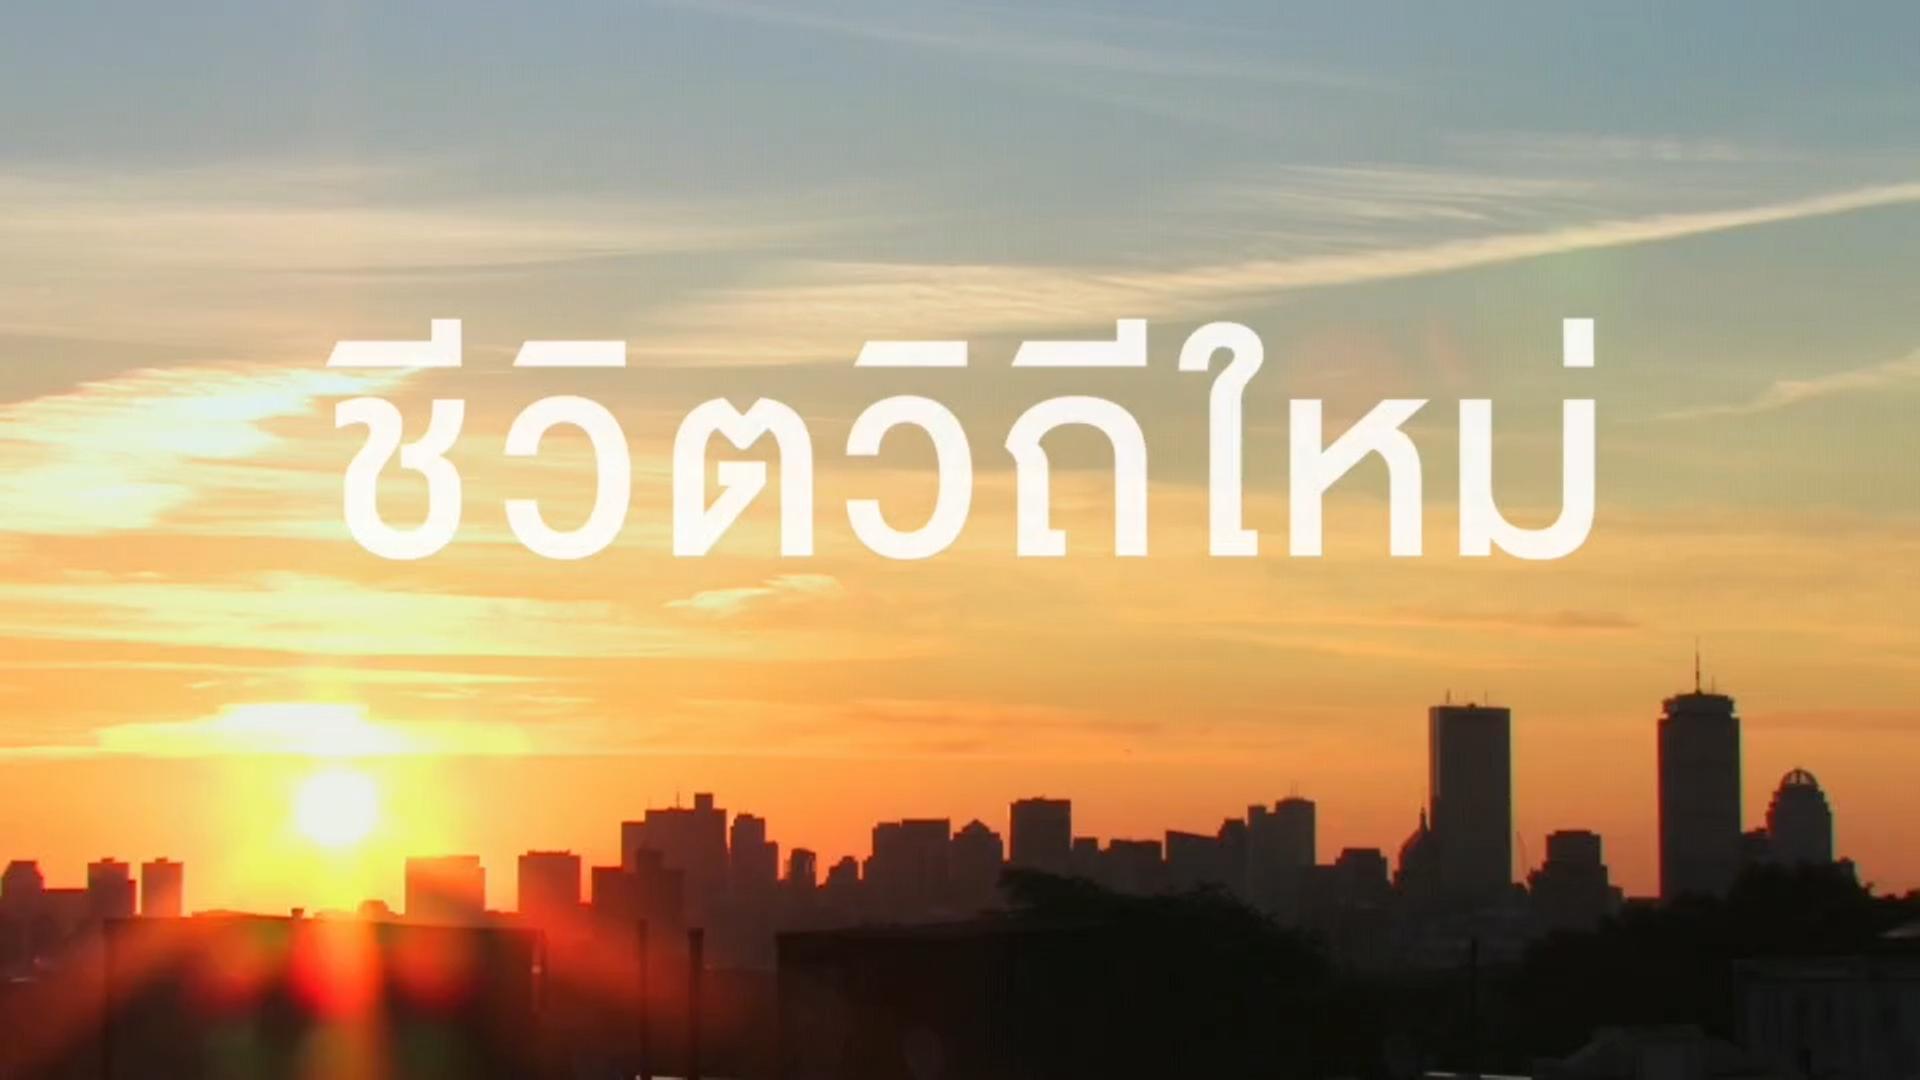 ชีวิตวิถีใหม่ ก้าวต่อไปของคนไทย ที่ สสส. ขอชวนทุกคนเดินไปด้วยกัน thaihealth